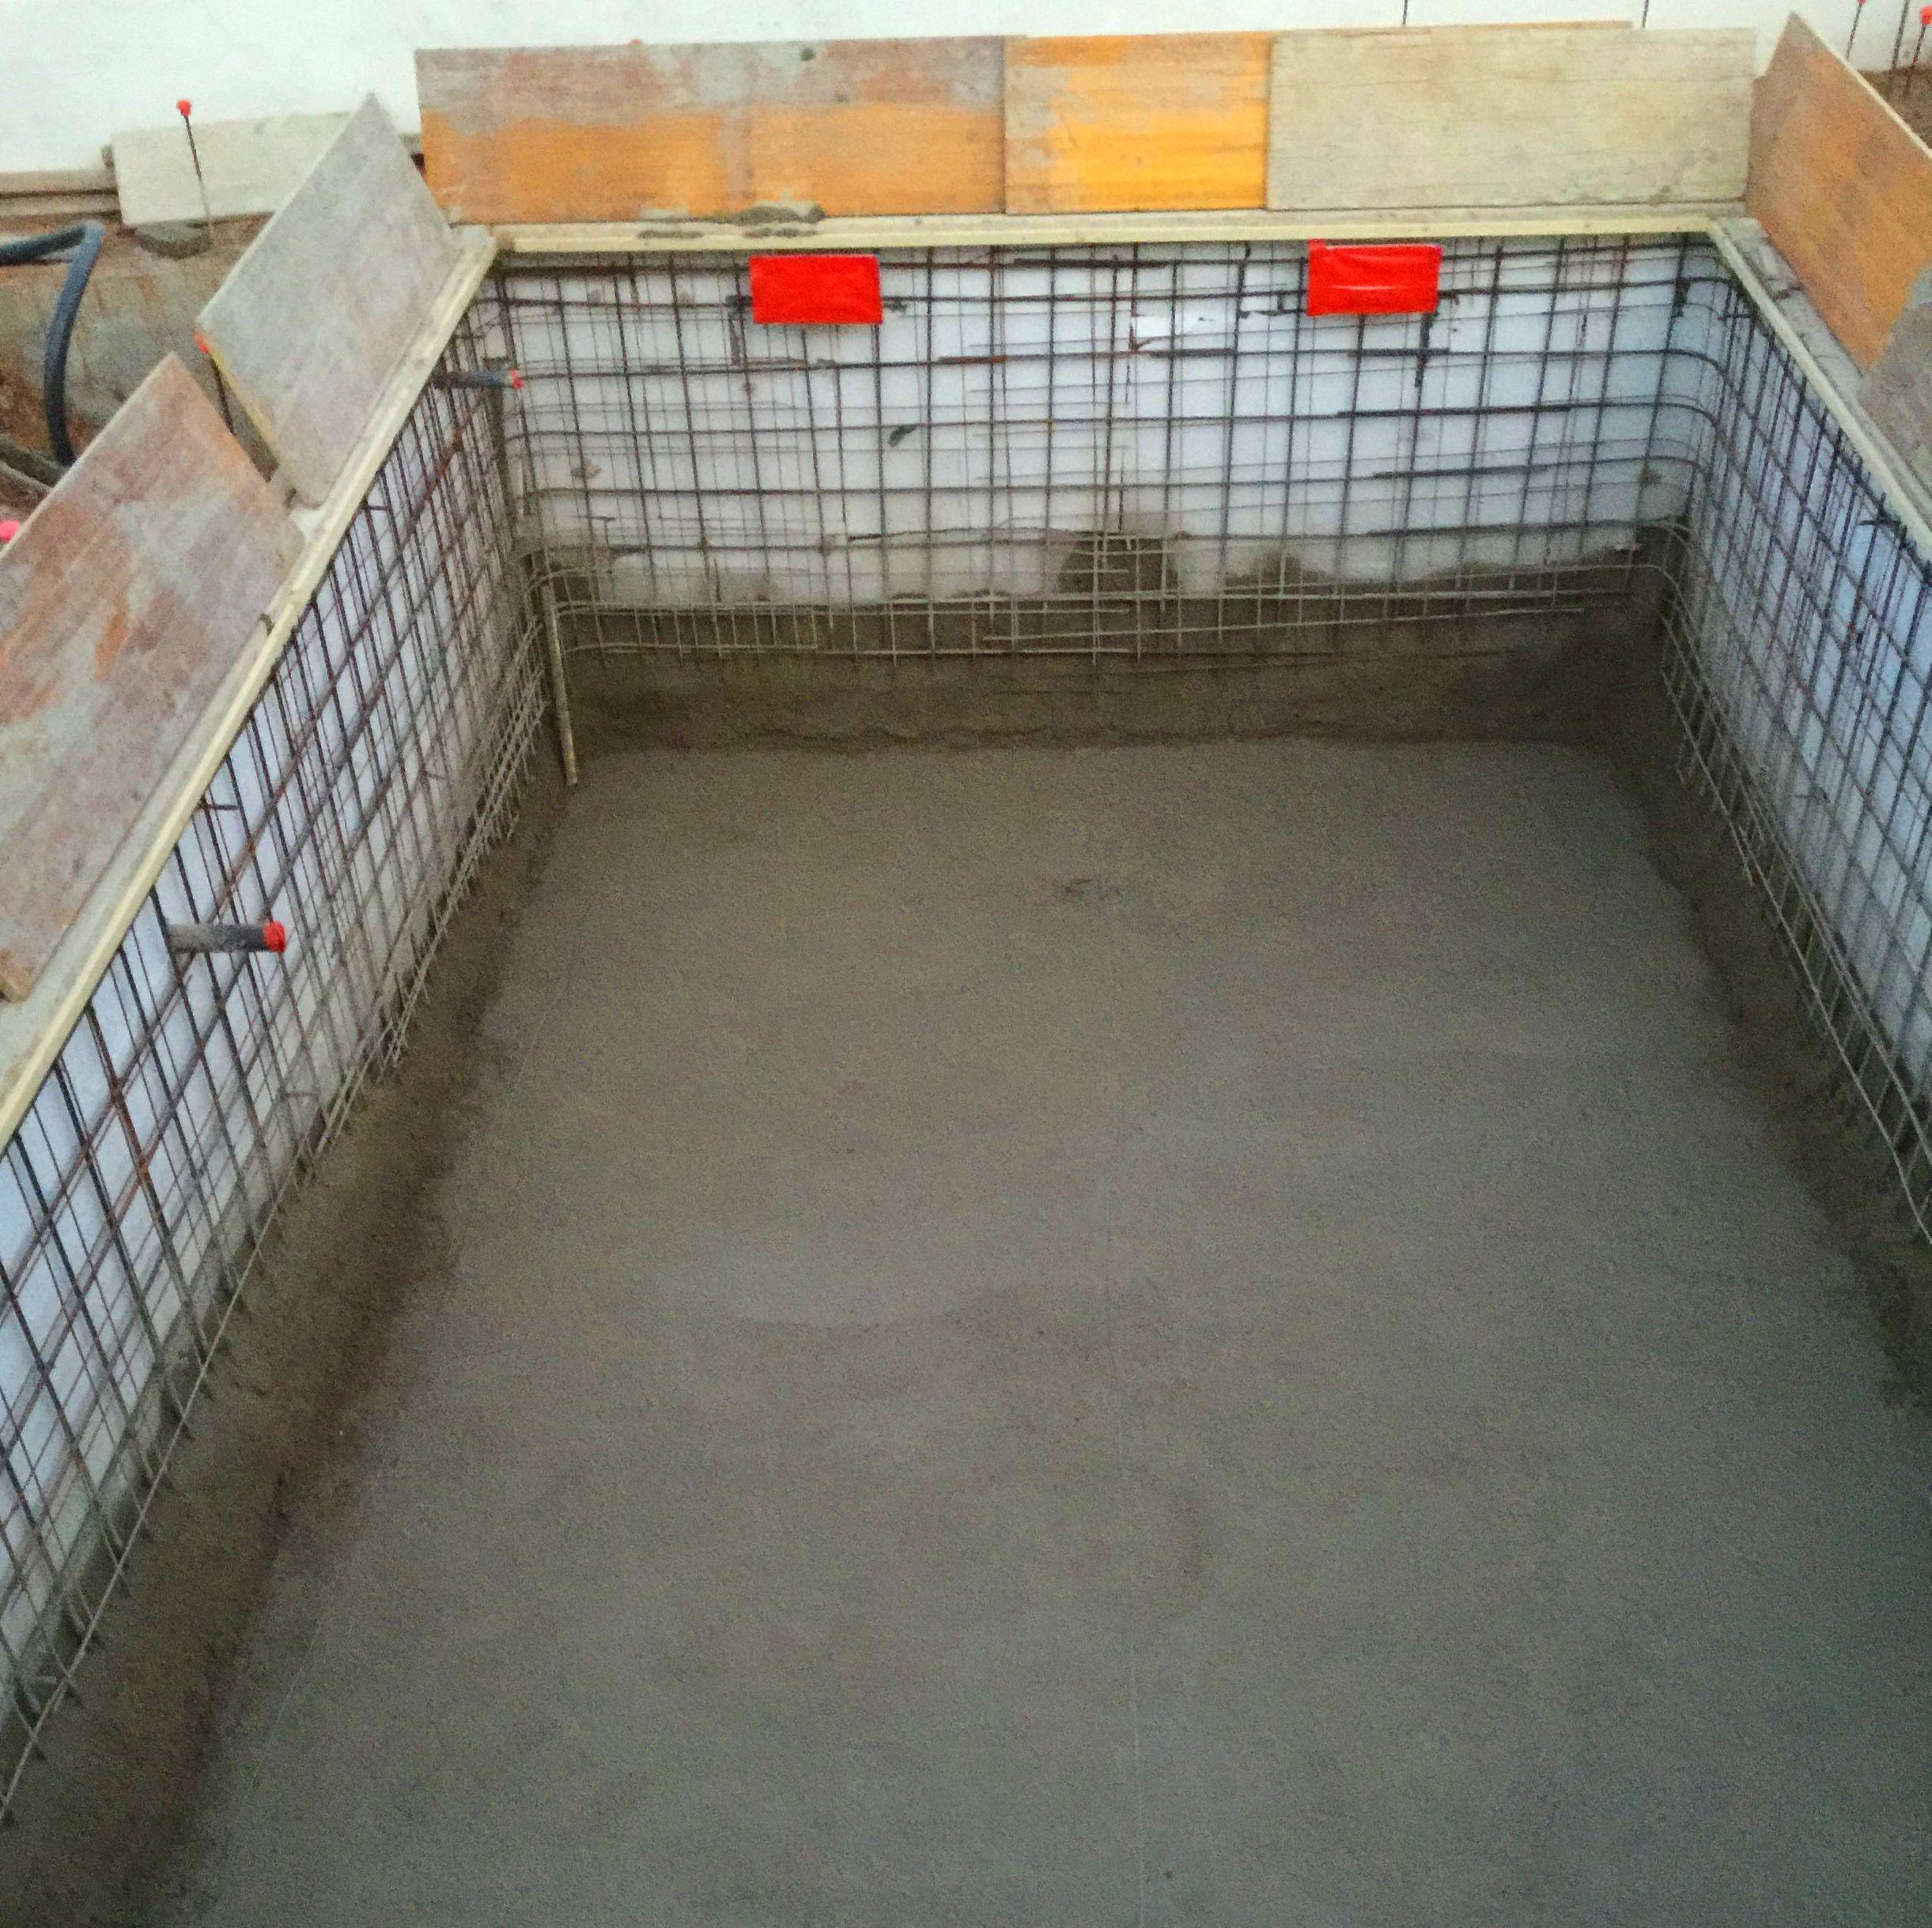 Construcci n de piscinas en alicante mibori construcciones for Construccion de piscinas de obra